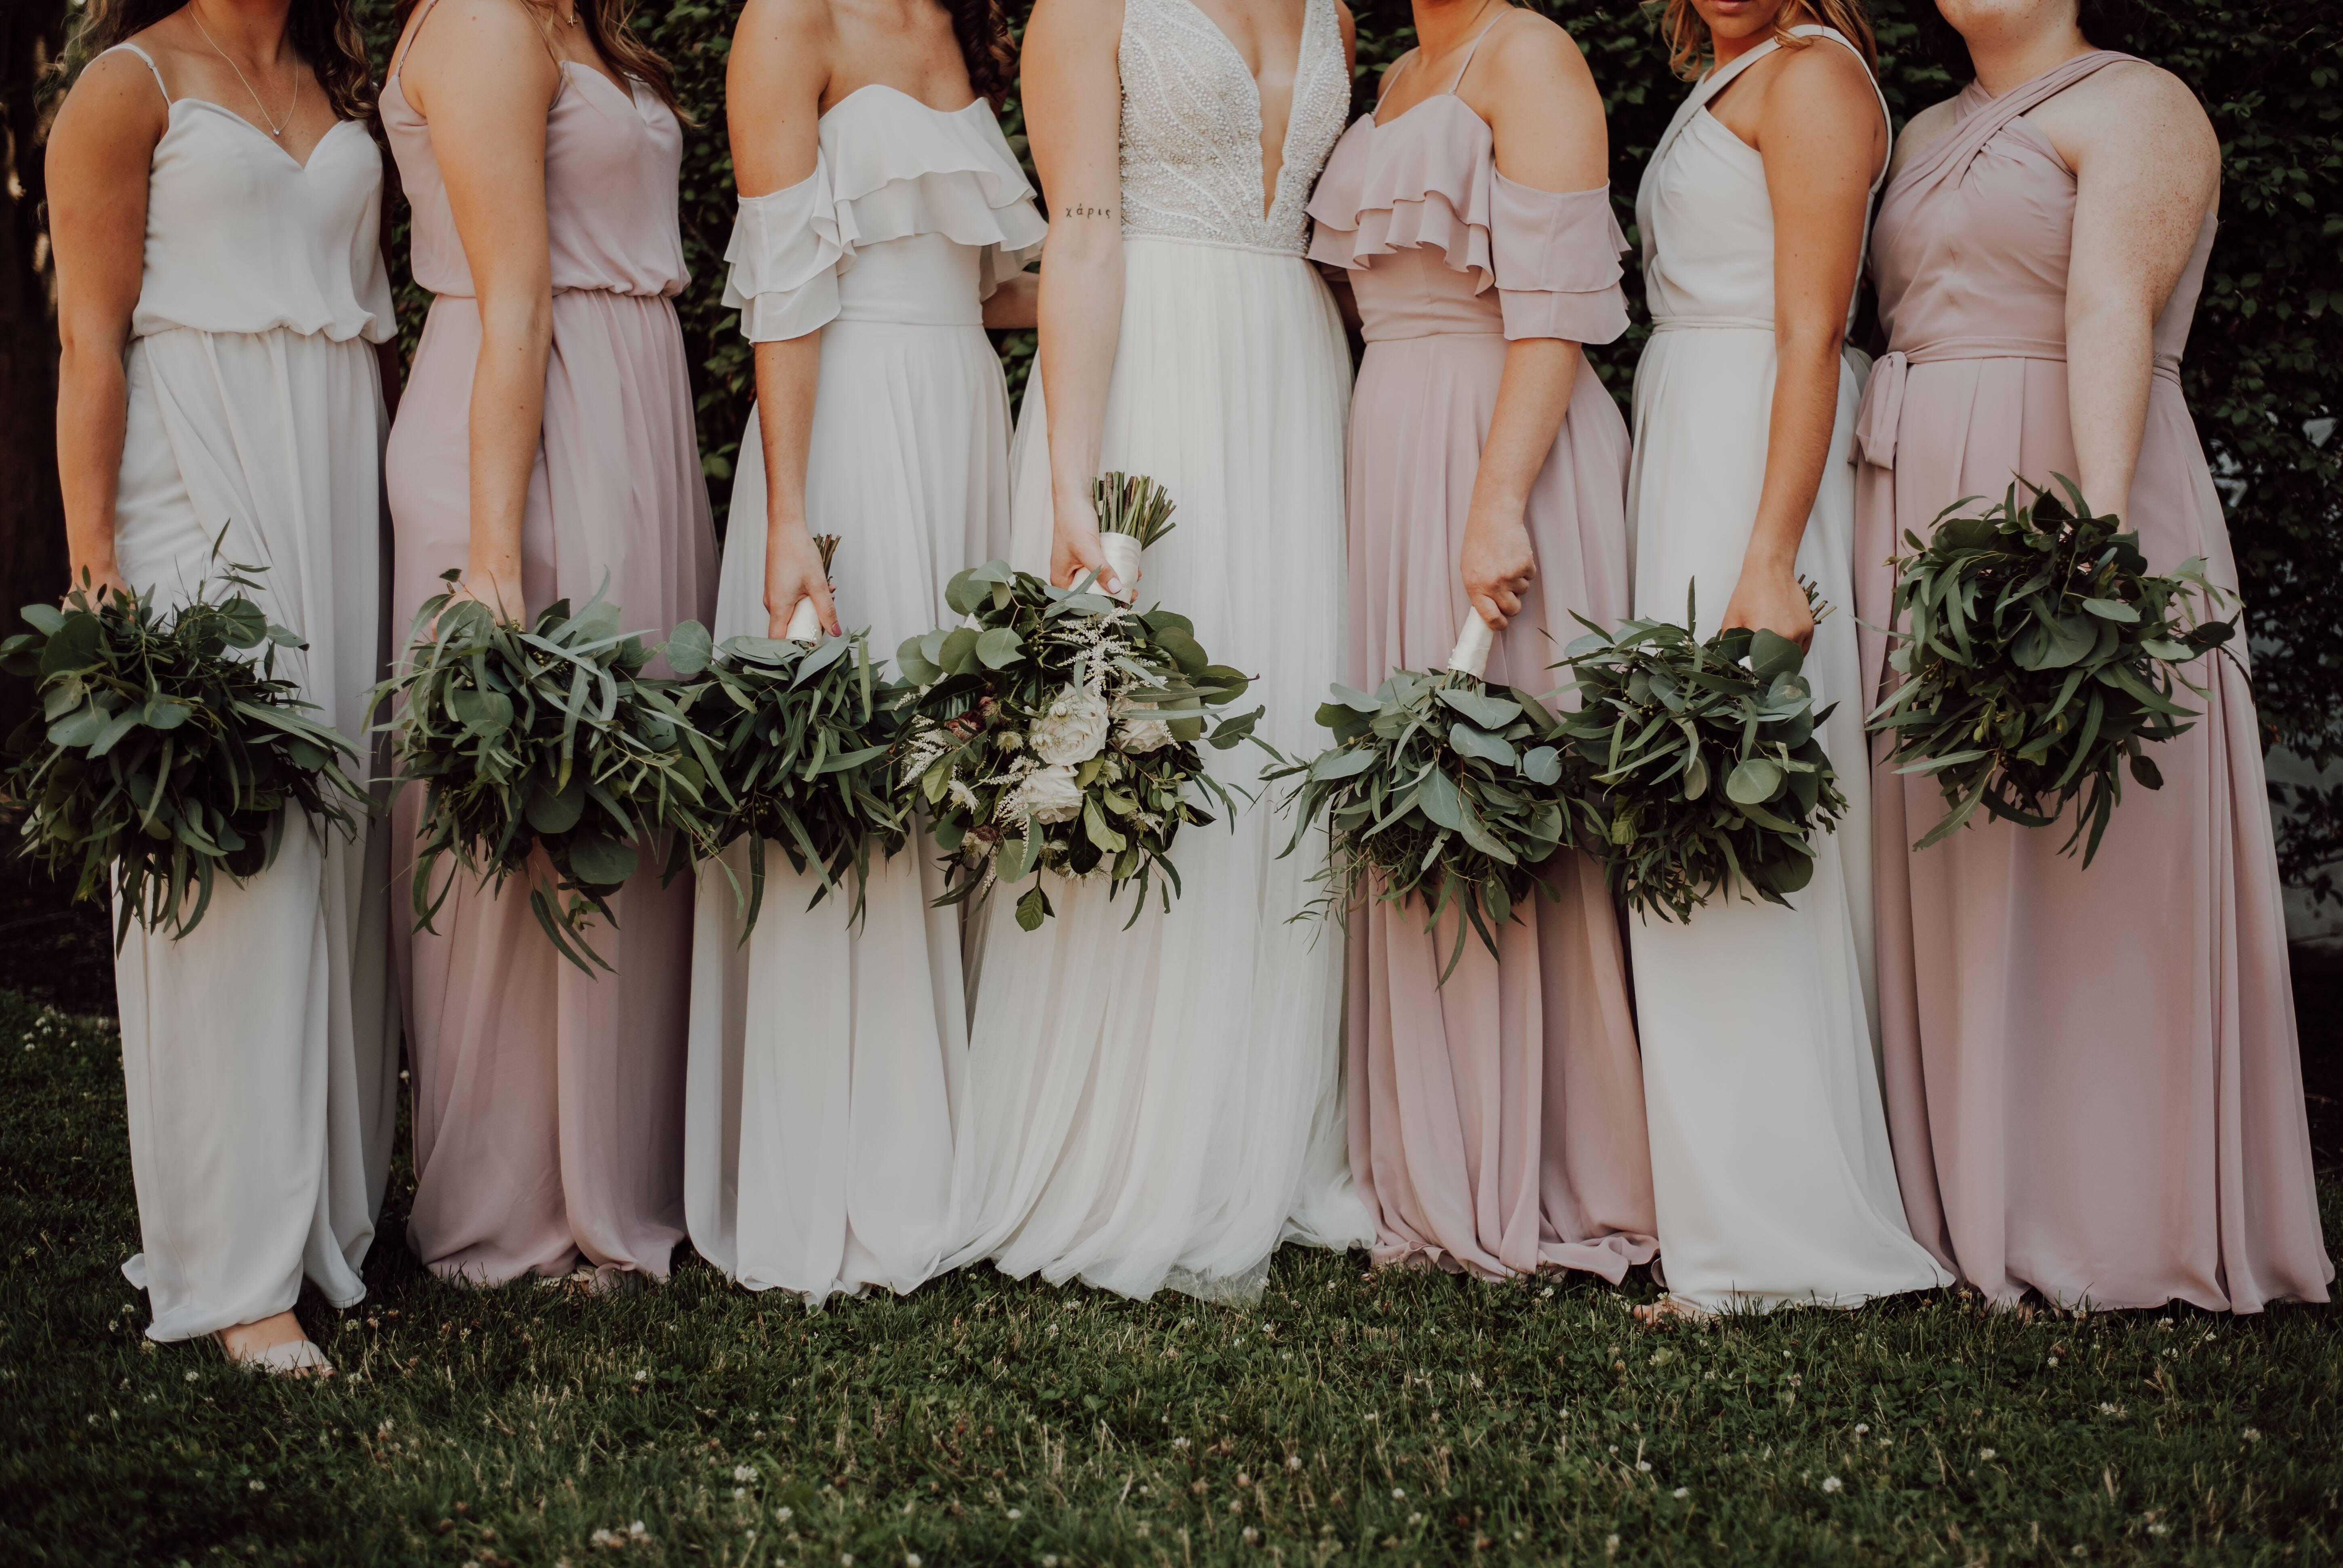 Modelos que respeitam a paleta de cor direcionada pela noiva (neste caso tem até branco!). Foto: Reprodução/Unsplash